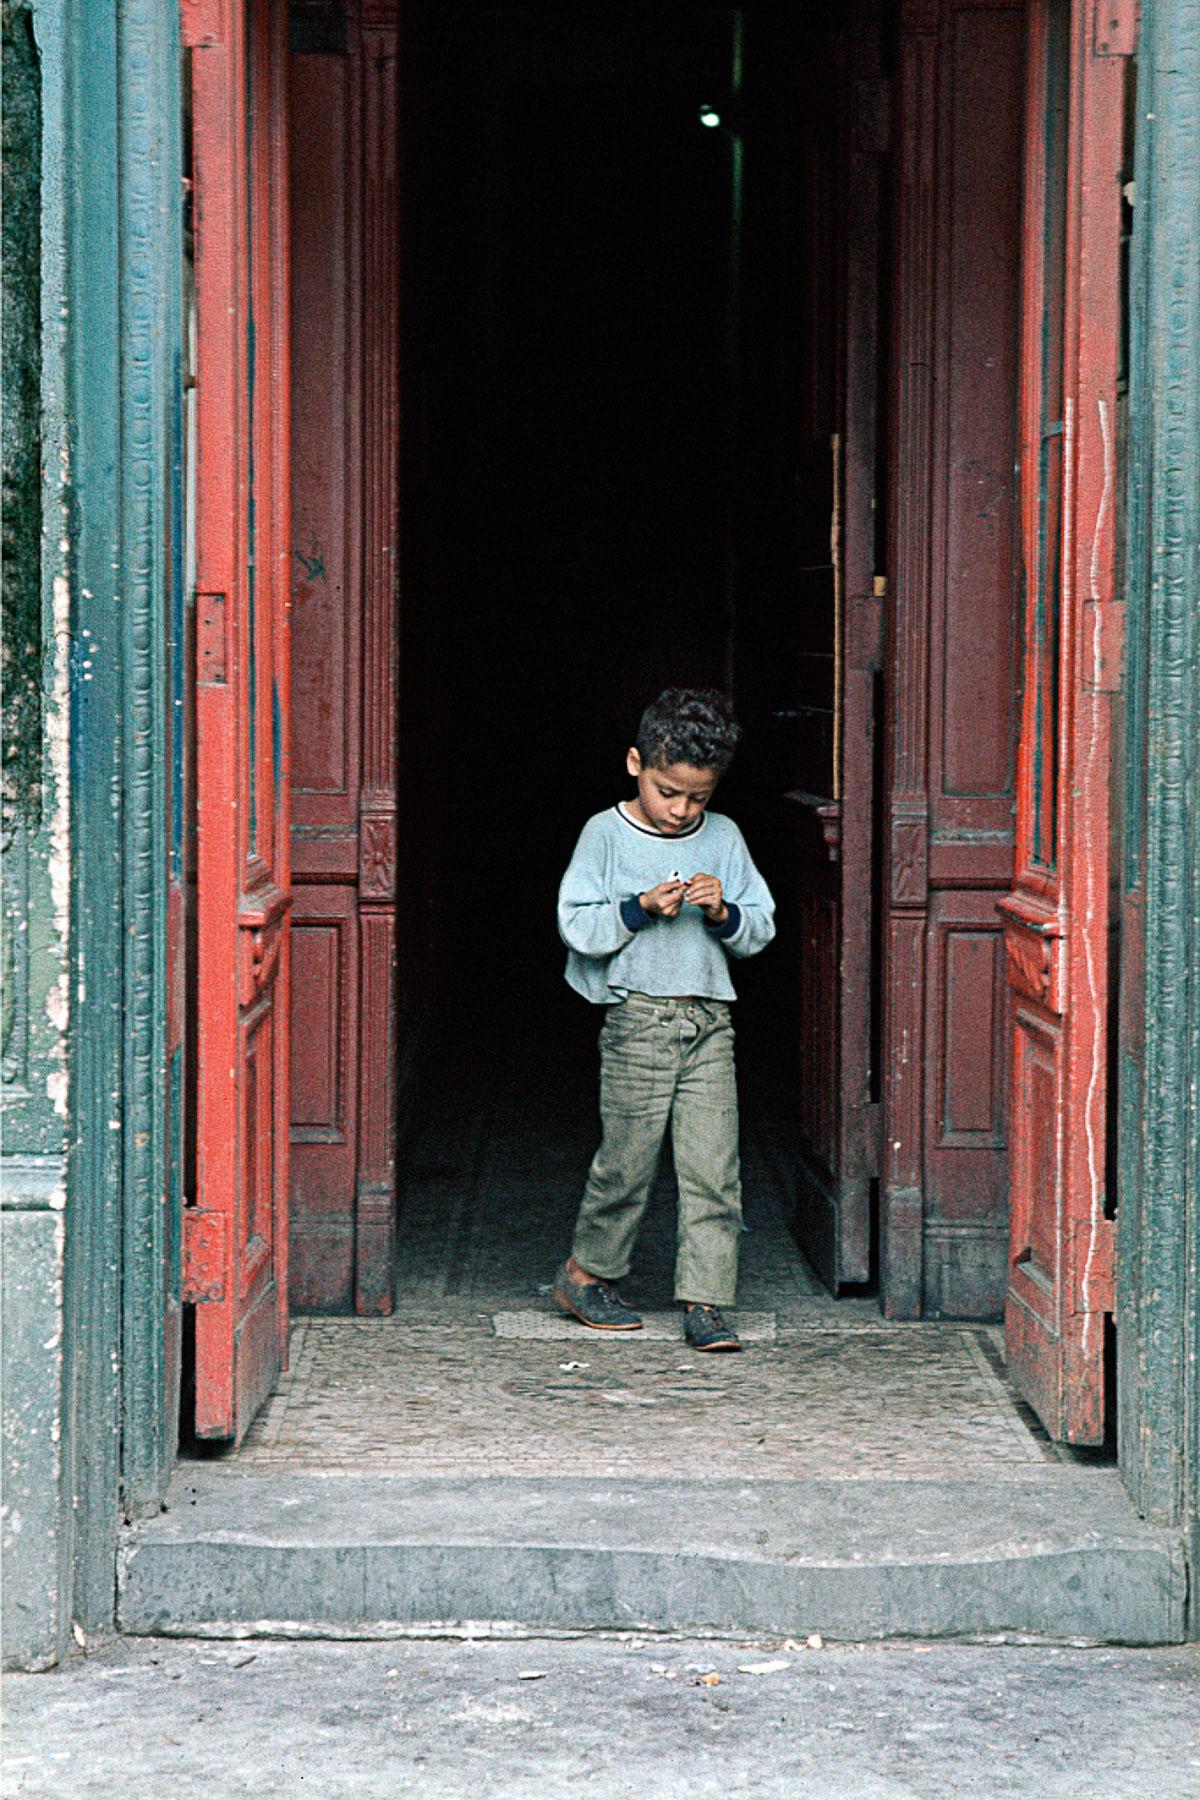 Nyu York fotograf Kamilo Hose Vergara 23